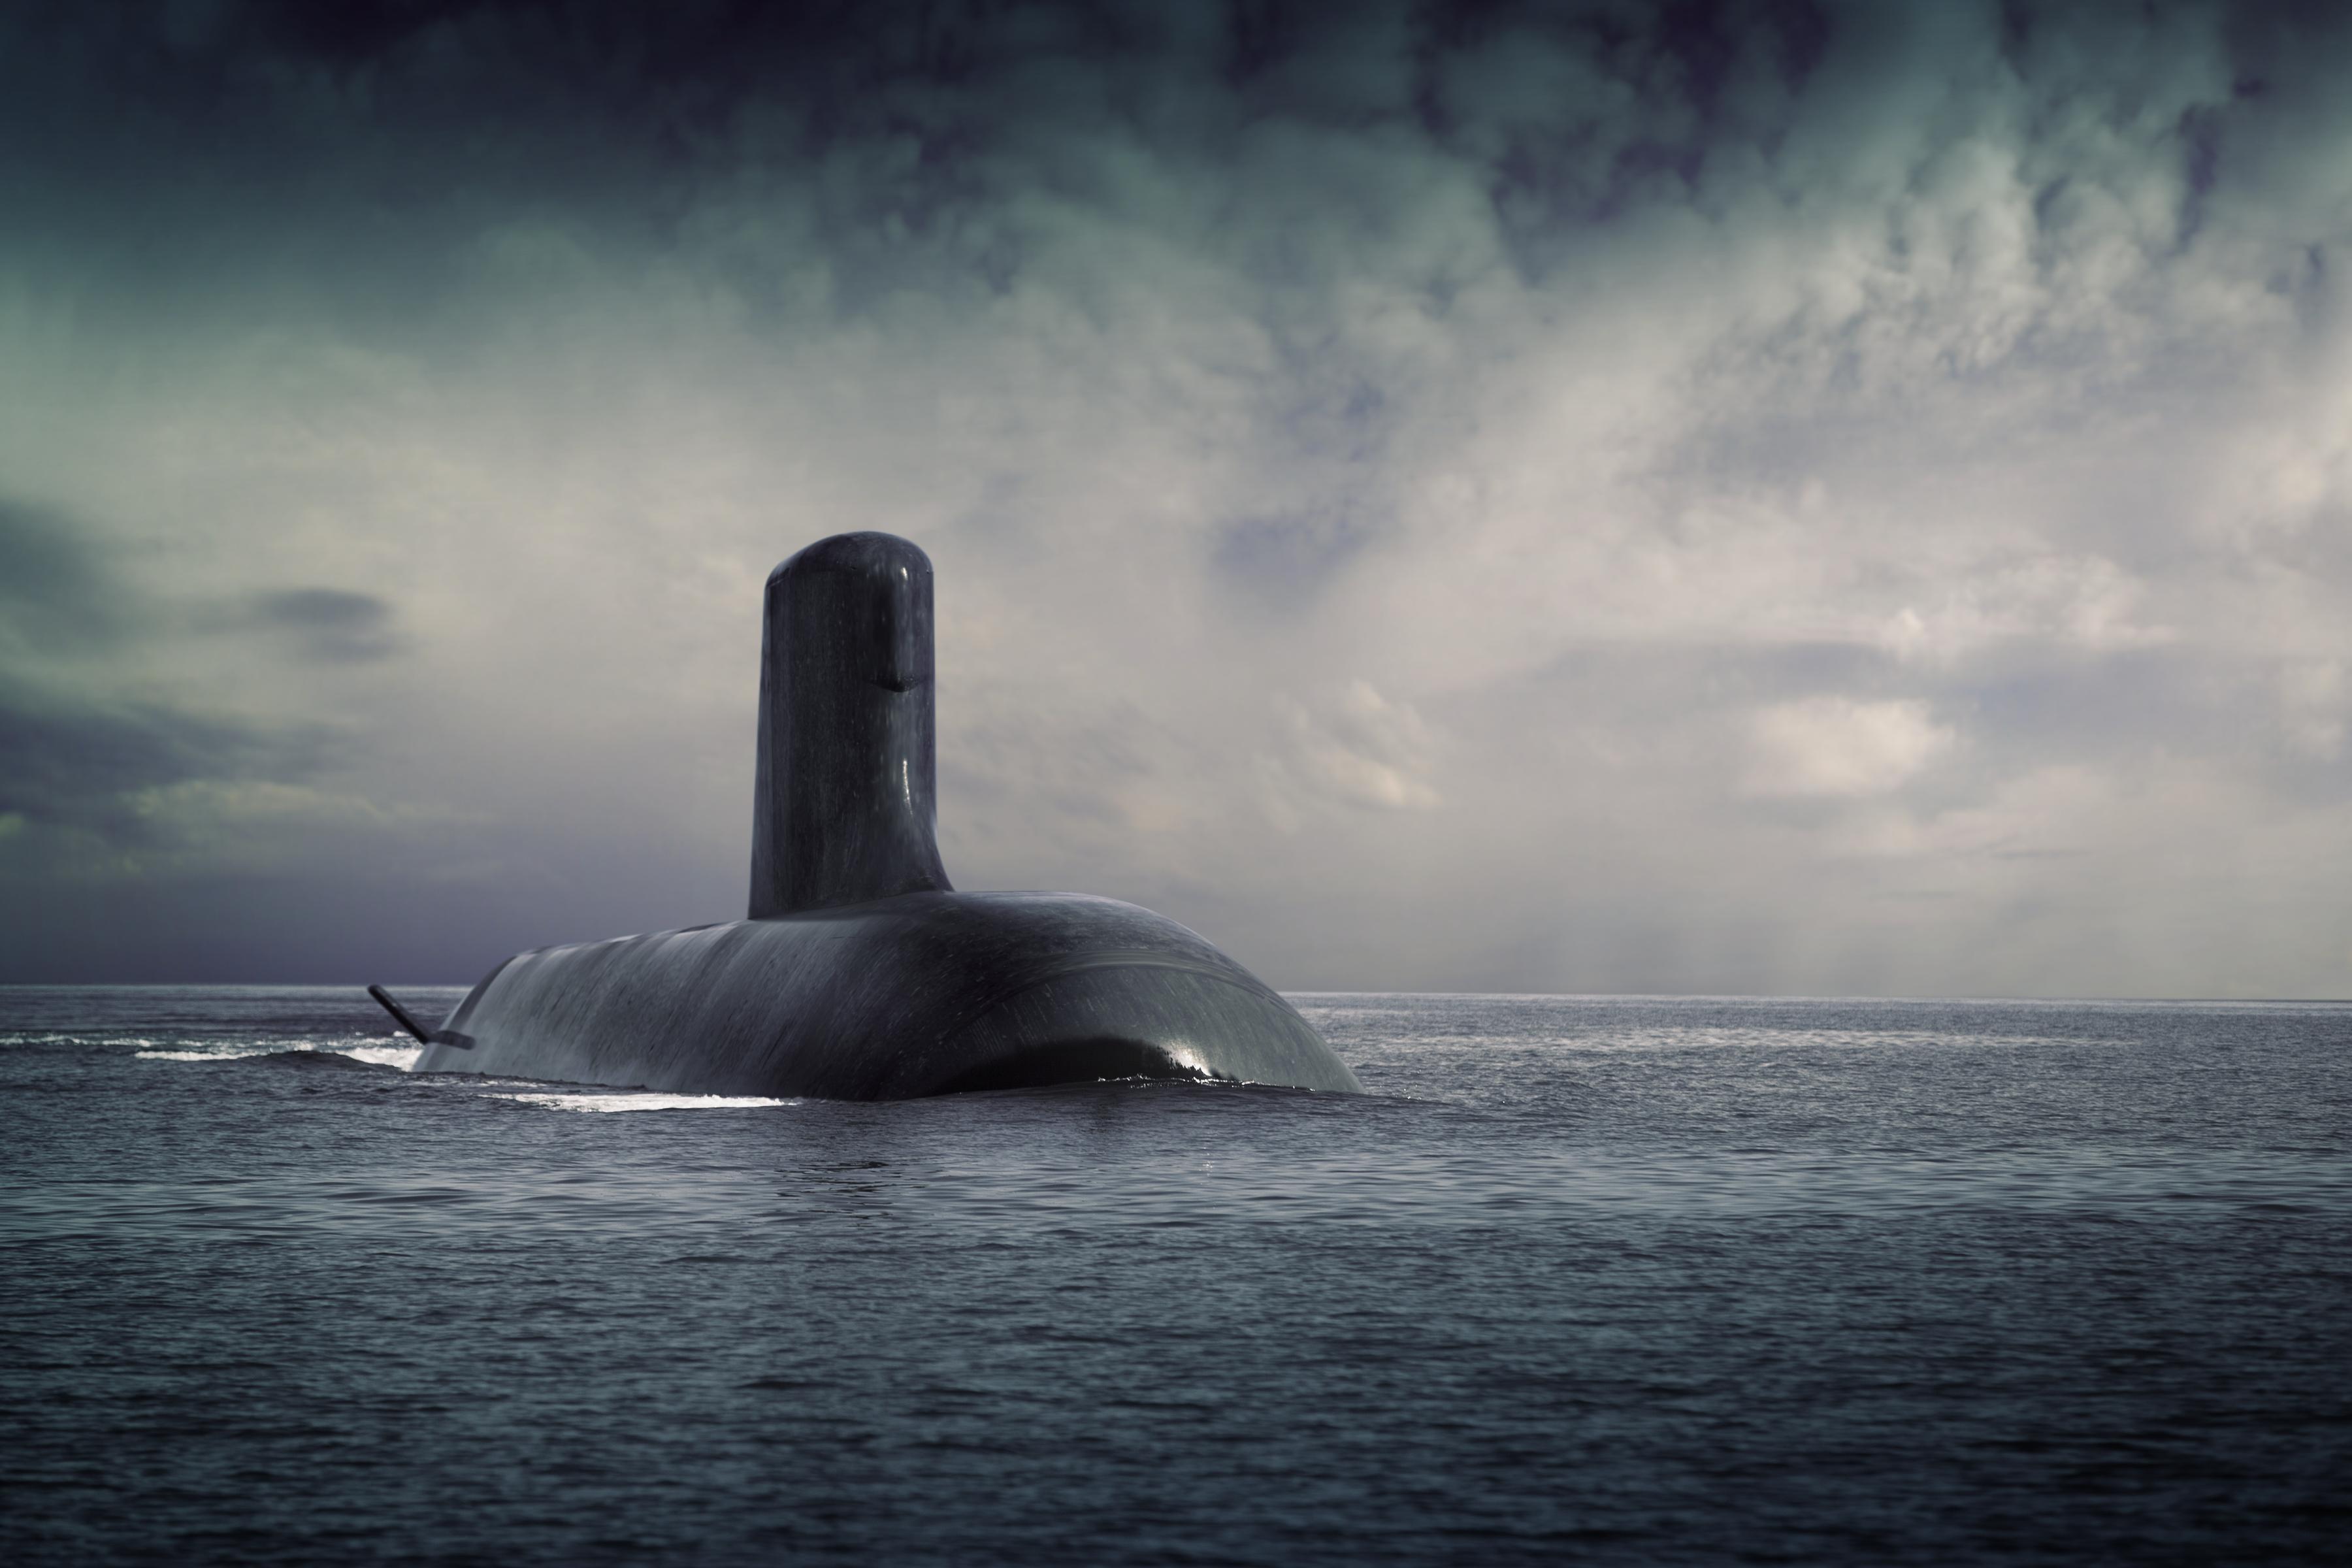 L'actu de la MARINE NATIONALE, de notre défense et de nos alliés /2 - Page 37 Dcns-australie-shortfin-barracuda-sous-marins